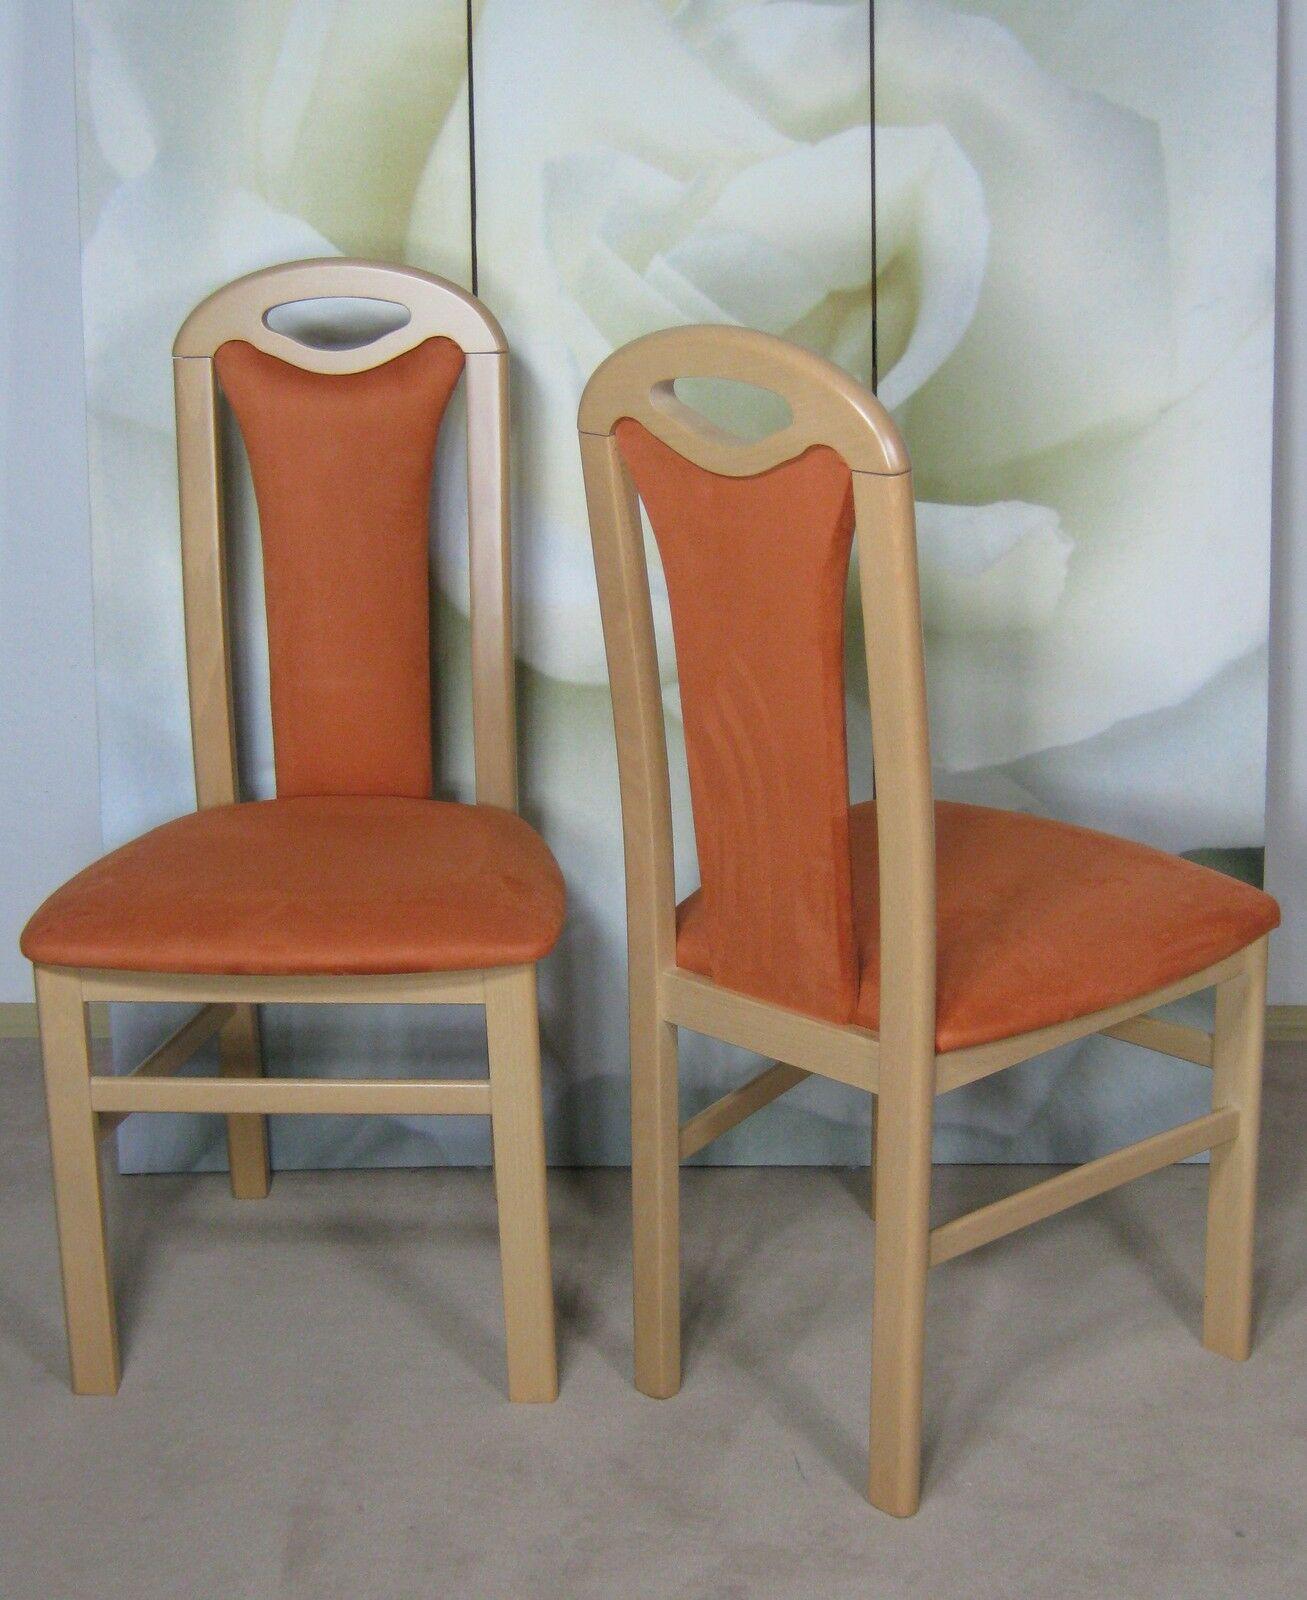 Faszinierend Esszimmerstühle Buche Gepolstert Sammlung Von 2 X Stuhl Esszimmer 2er Set Massiv